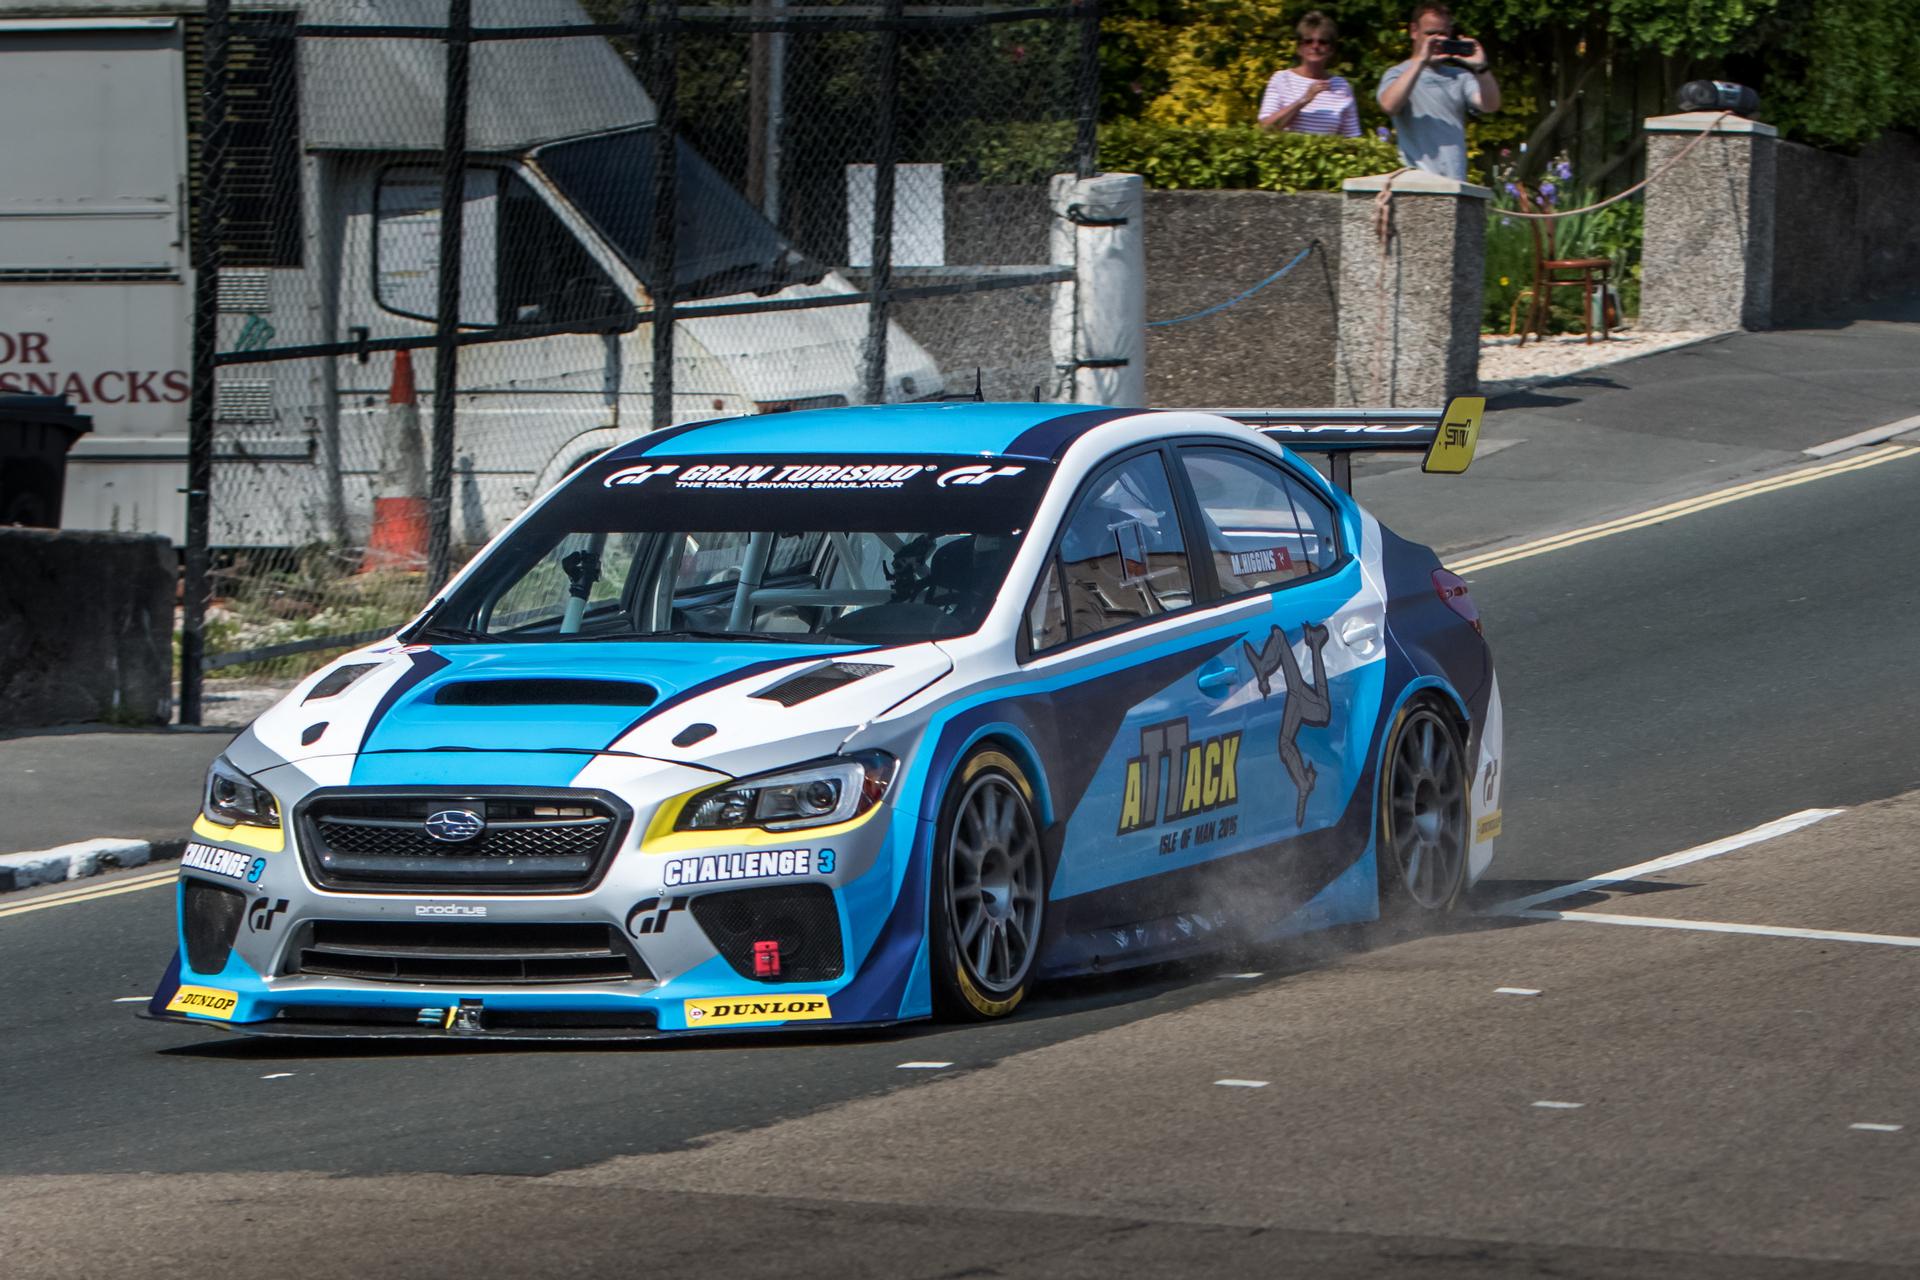 New Subaru WRX STI Time Attack Car Shatters Lap Record © Fuji Heavy Industries, Ltd.